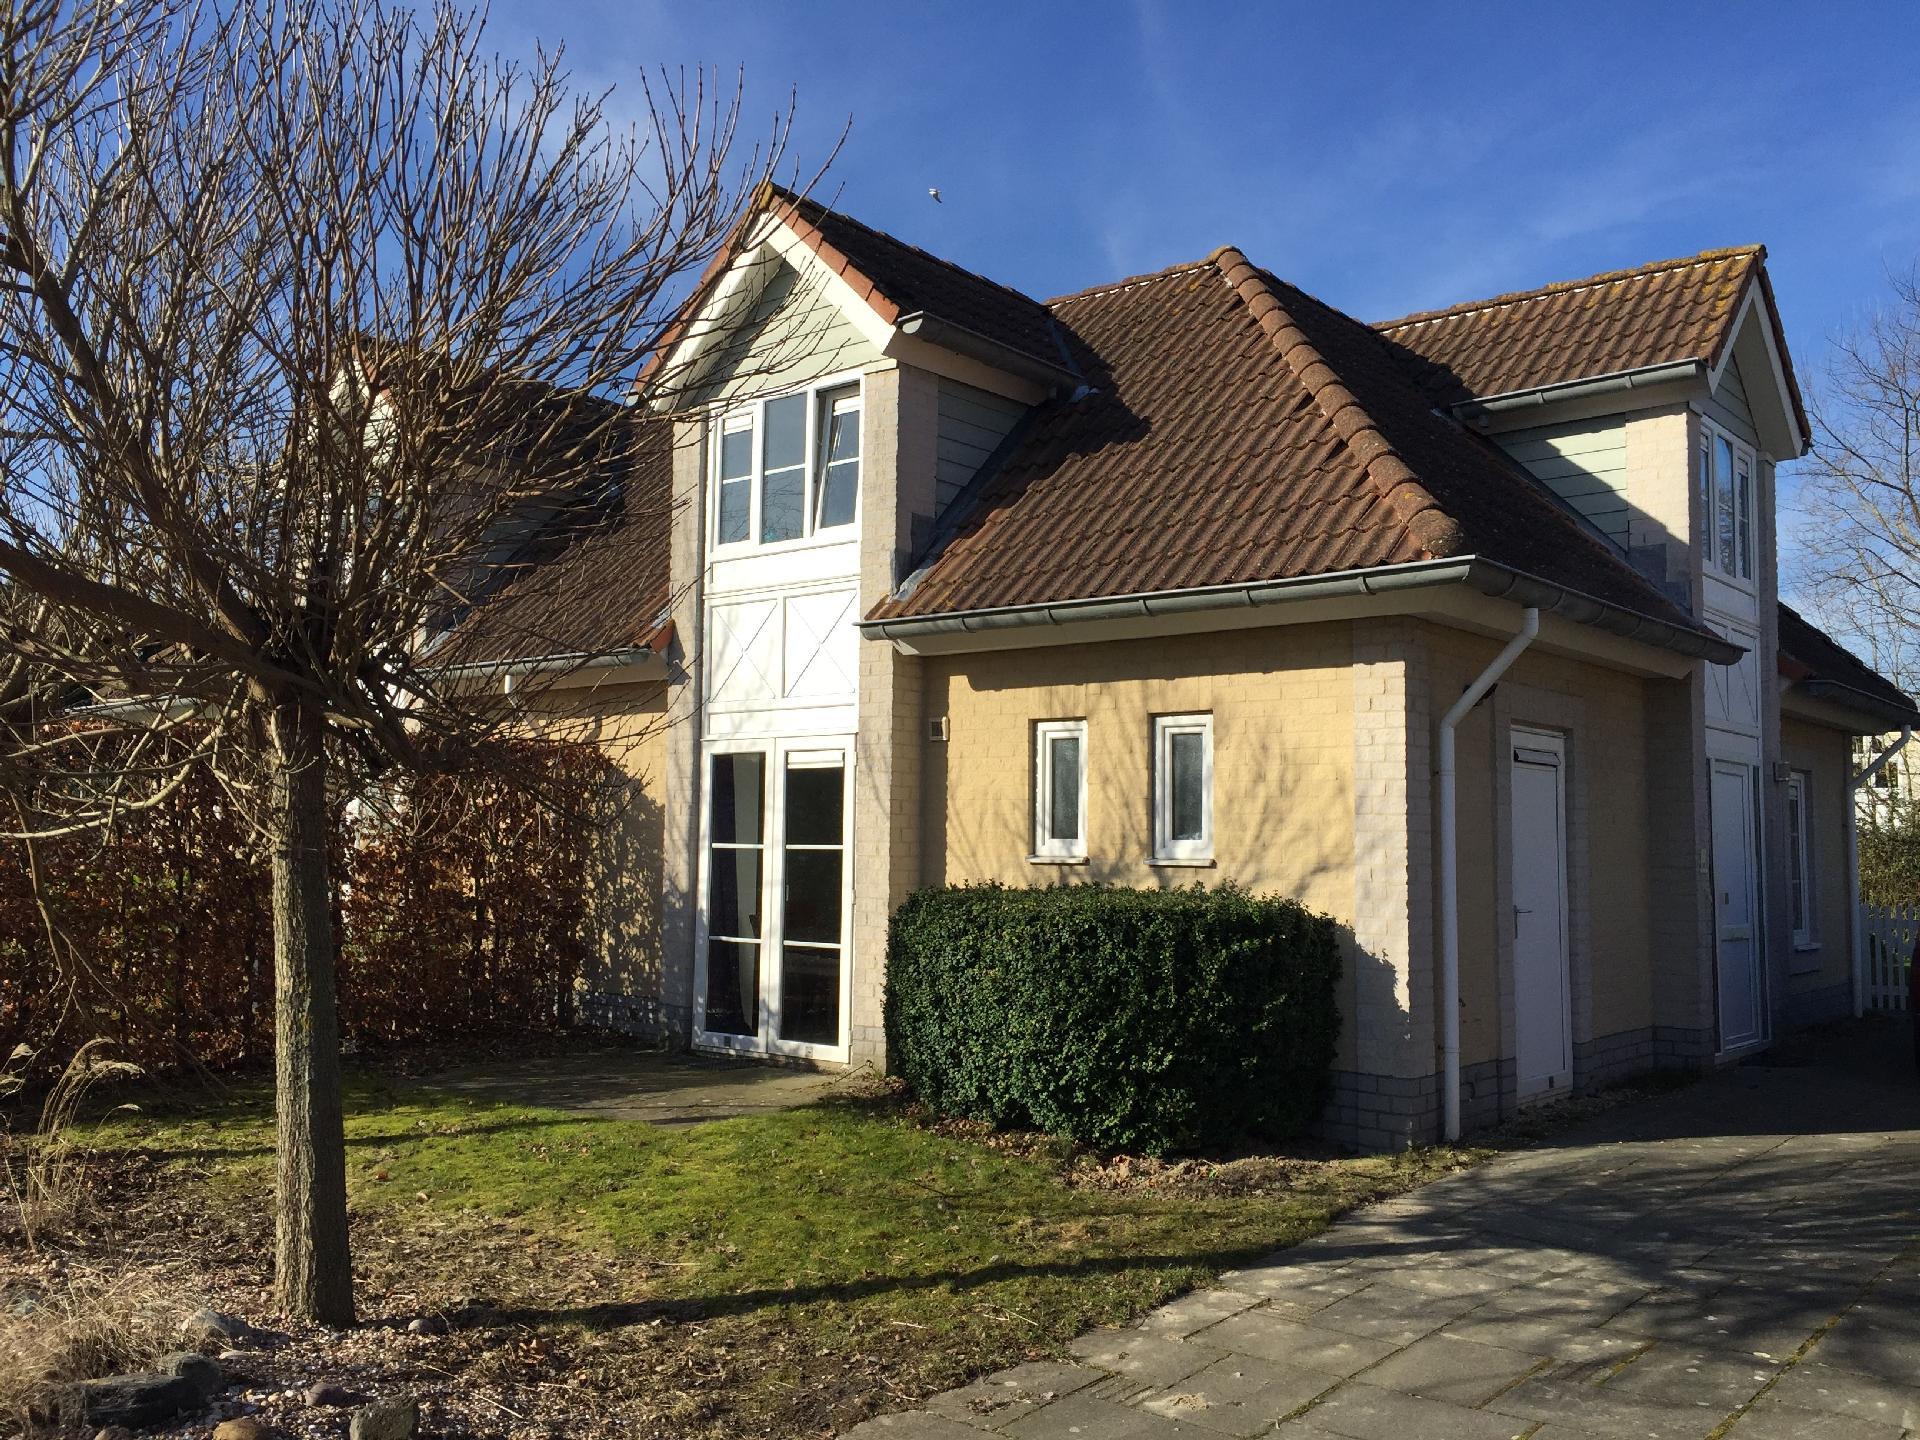 Ferienhaus für 9 Personen ca 120 m² in De Banjaard Zeeland Küste von Zeeland